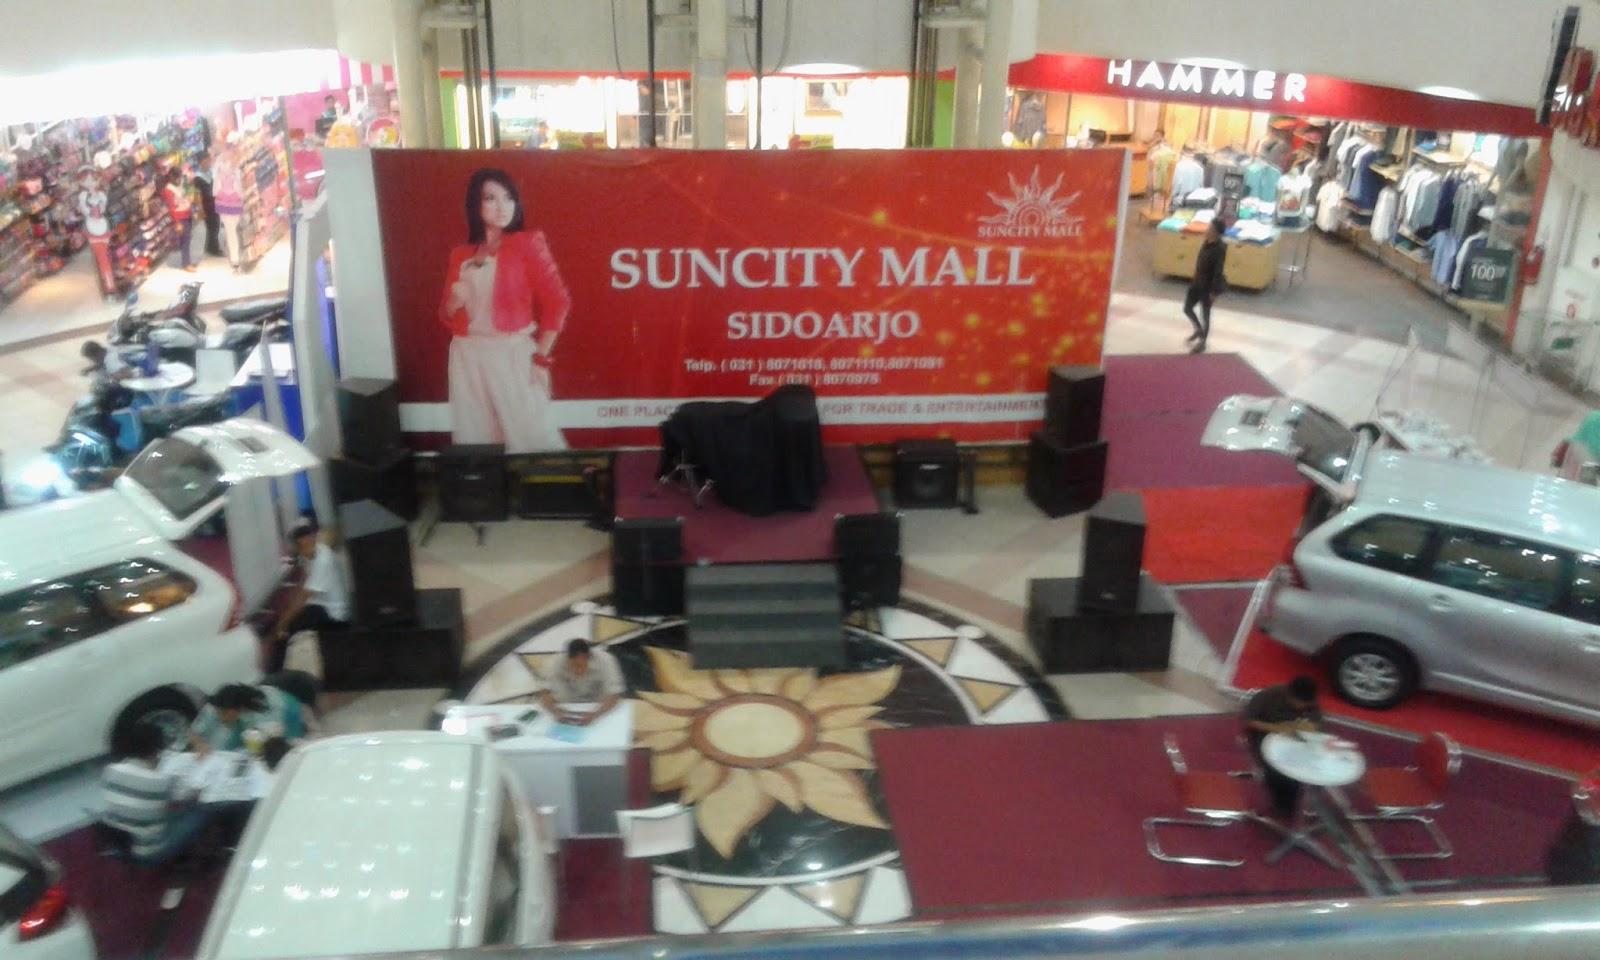 Sun city mall sidoarjo